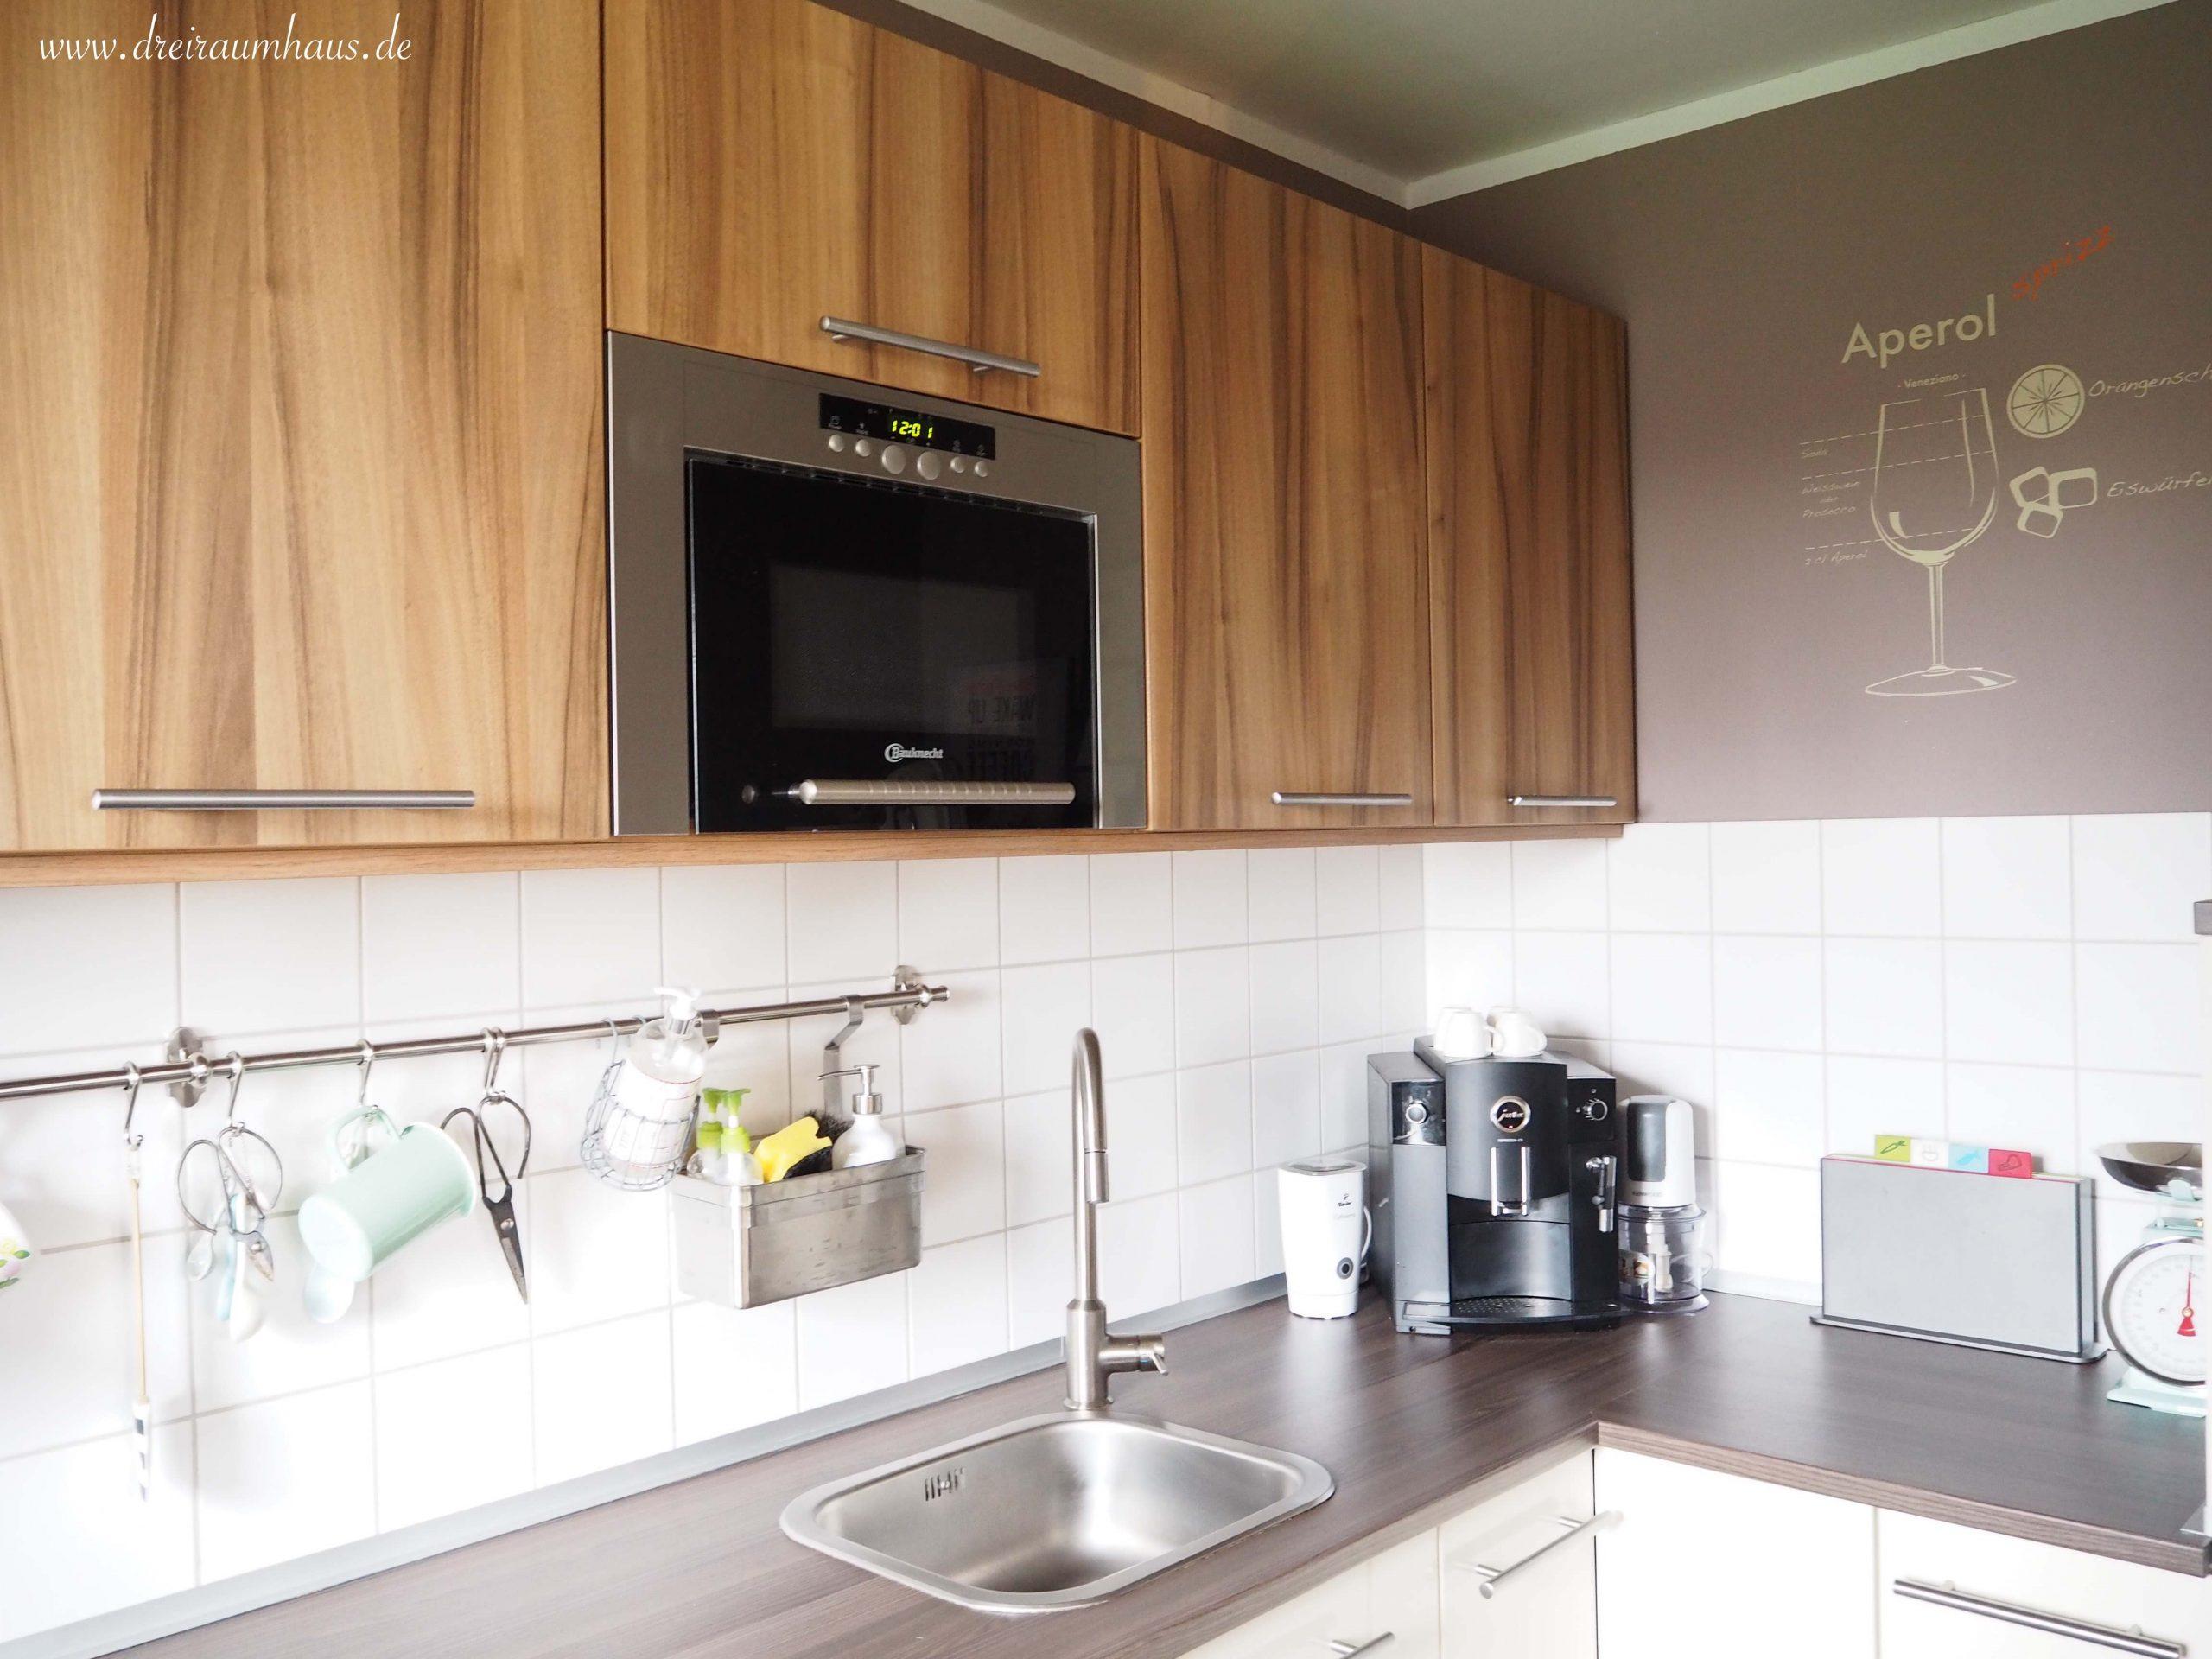 Full Size of Ikea Raumteiler Kche Landhausstil Beste Wohndesign Modulküche Küche Kosten Betten 160x200 Bei Kaufen Miniküche Sofa Mit Schlaffunktion Wohnzimmer Ikea Raumteiler